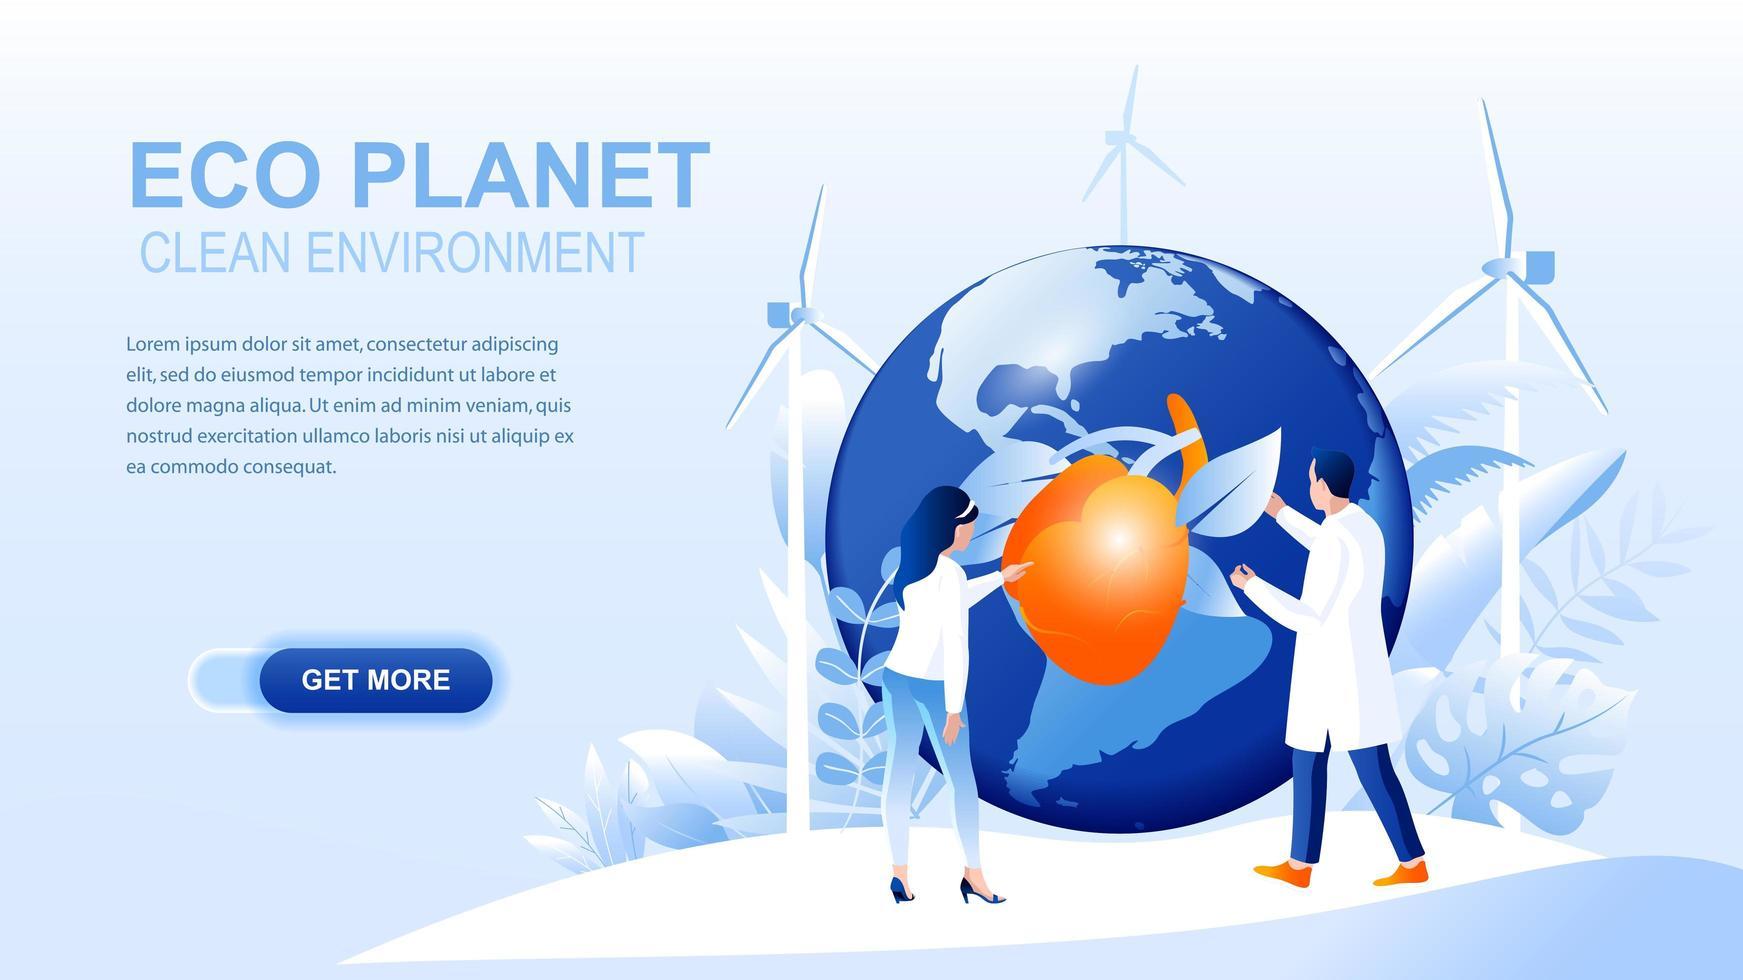 eco planet platt målsida med rubrik vektor